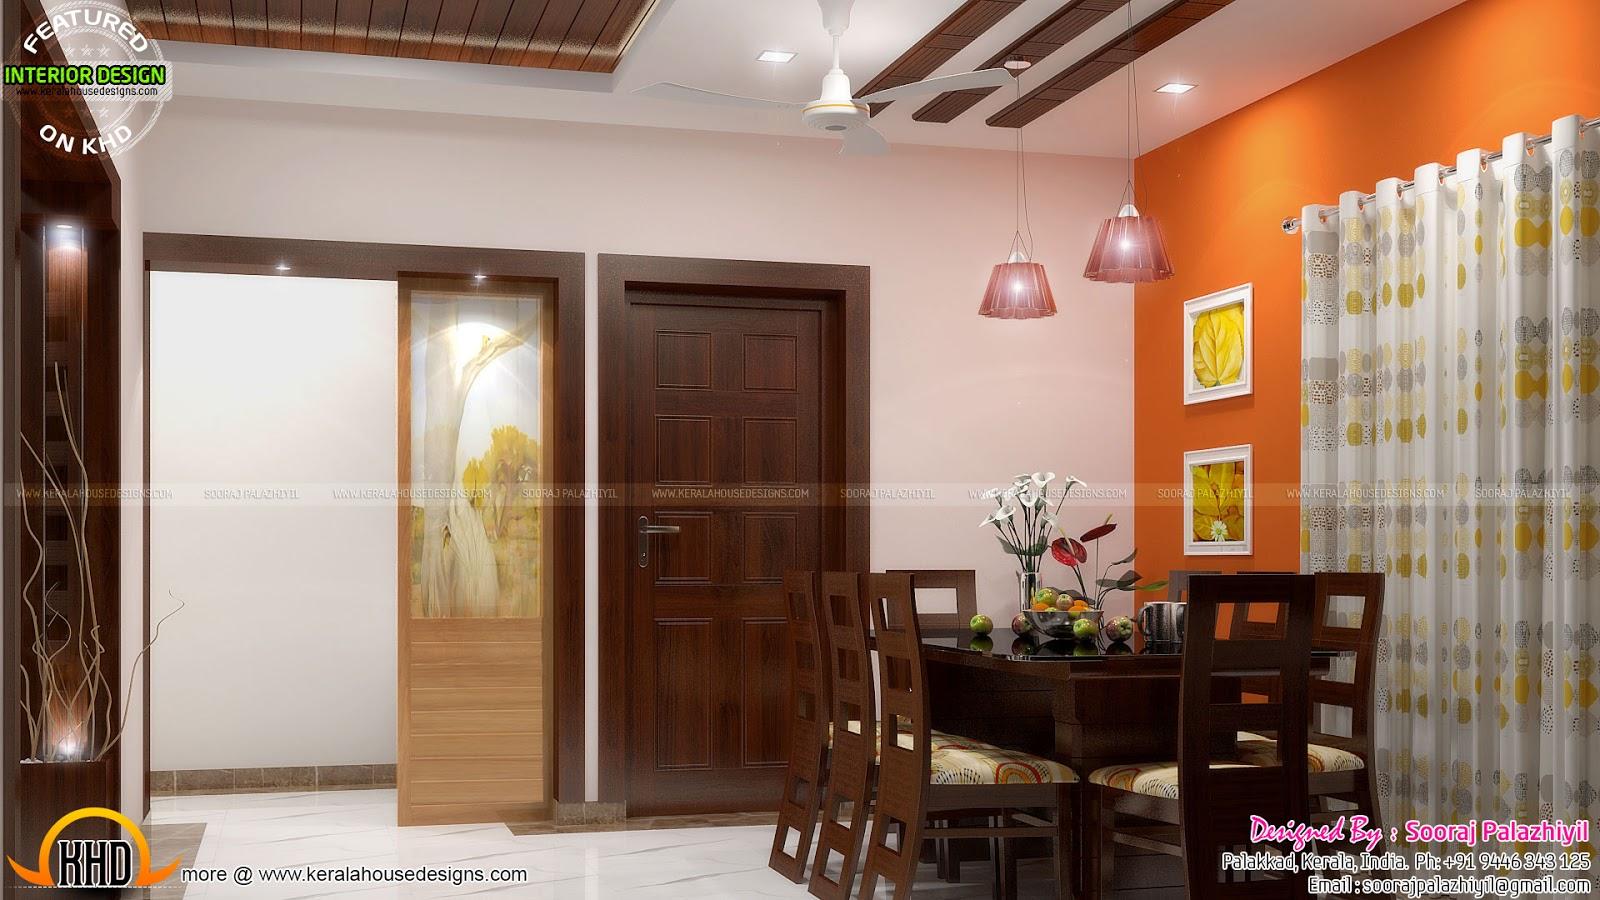 Interior Design For Apartments In Kerala Novocom Top